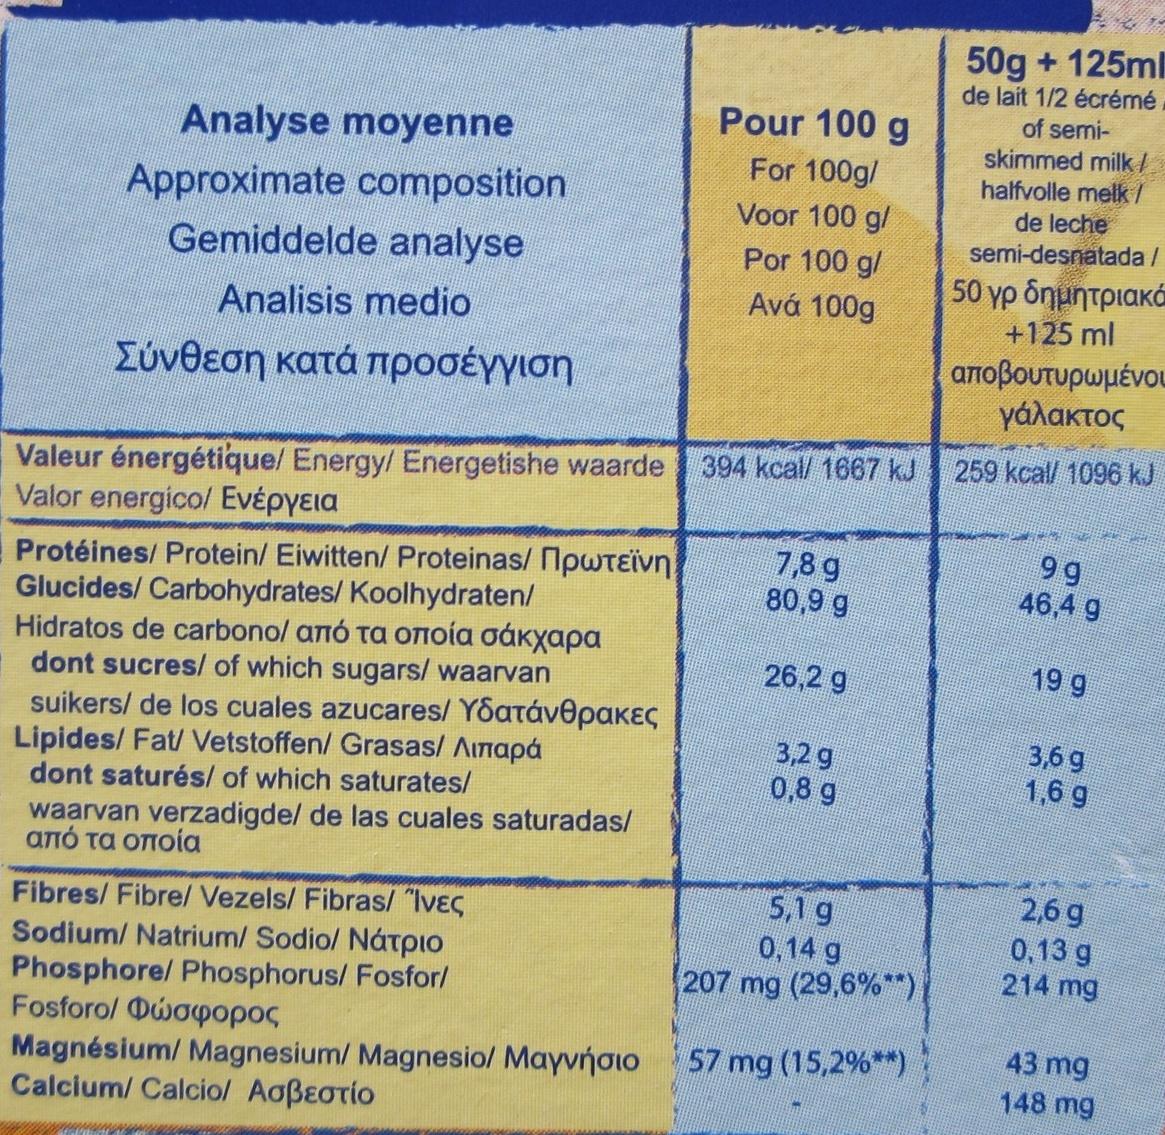 Star O'Miel - Céréales soufflées enrobées au miel - Informations nutritionnelles - fr